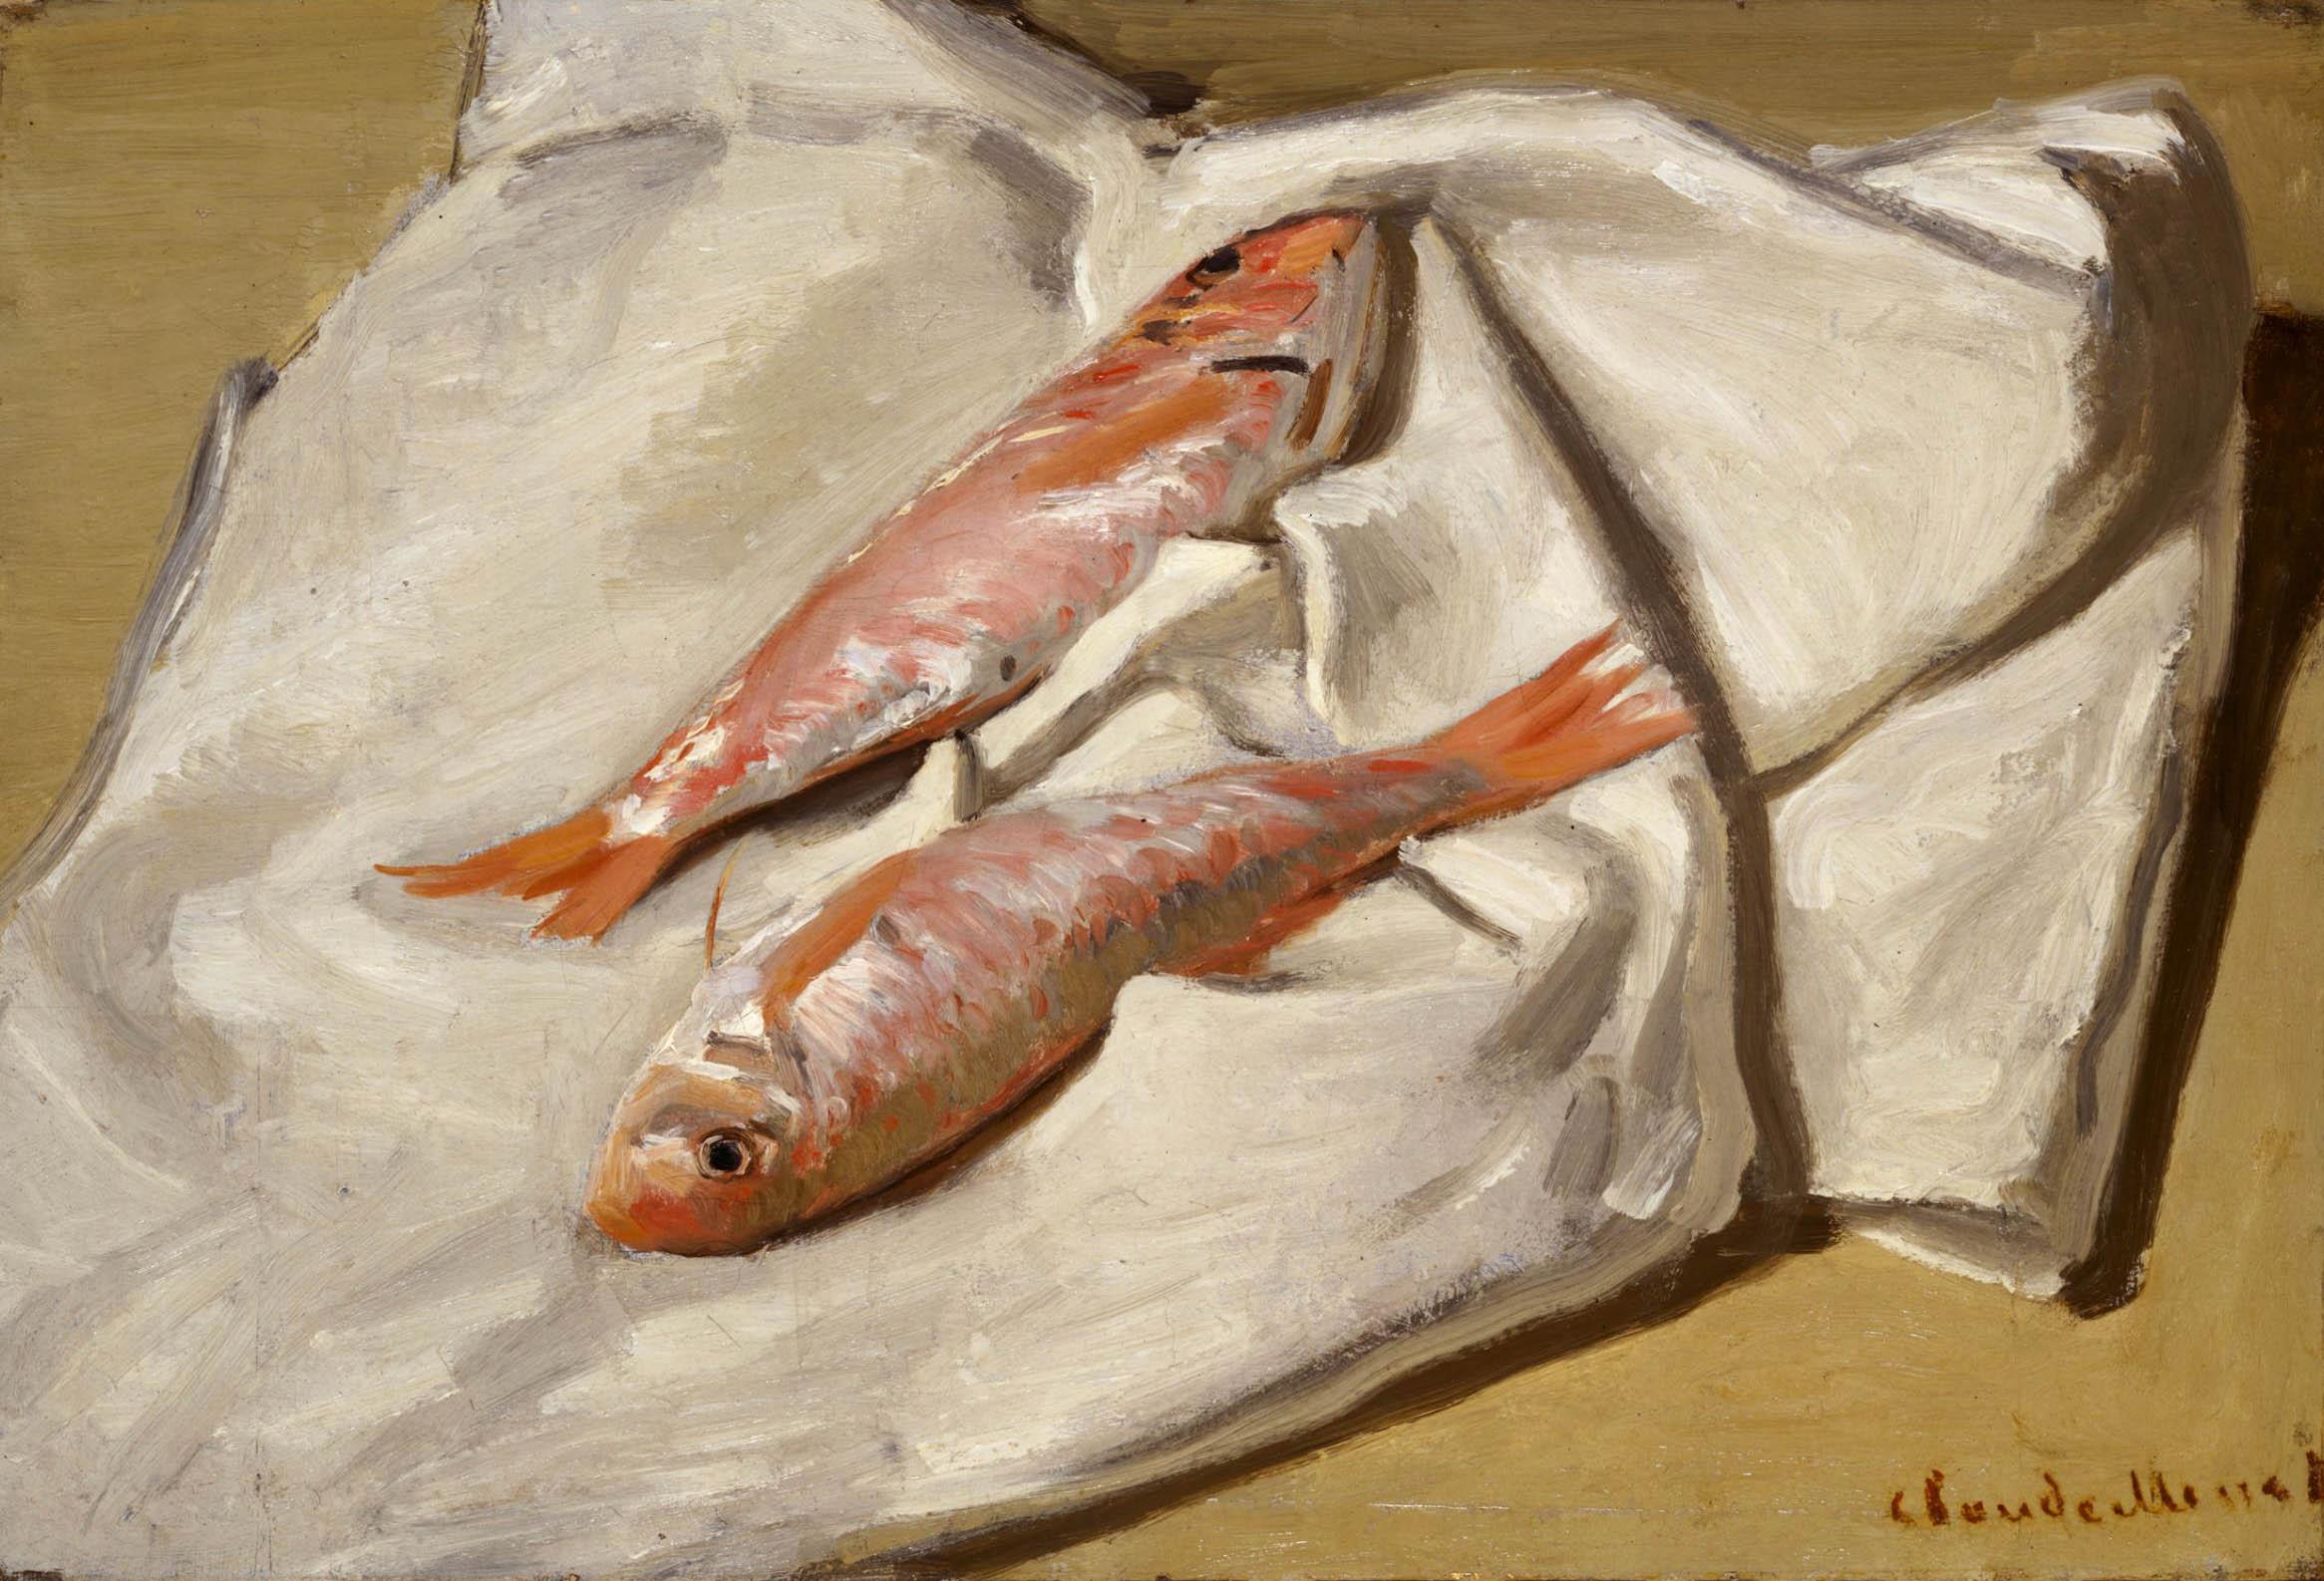 Клод Моне (Claude Monet) - Барабулька (Red Mullets), Harvard Art Museum